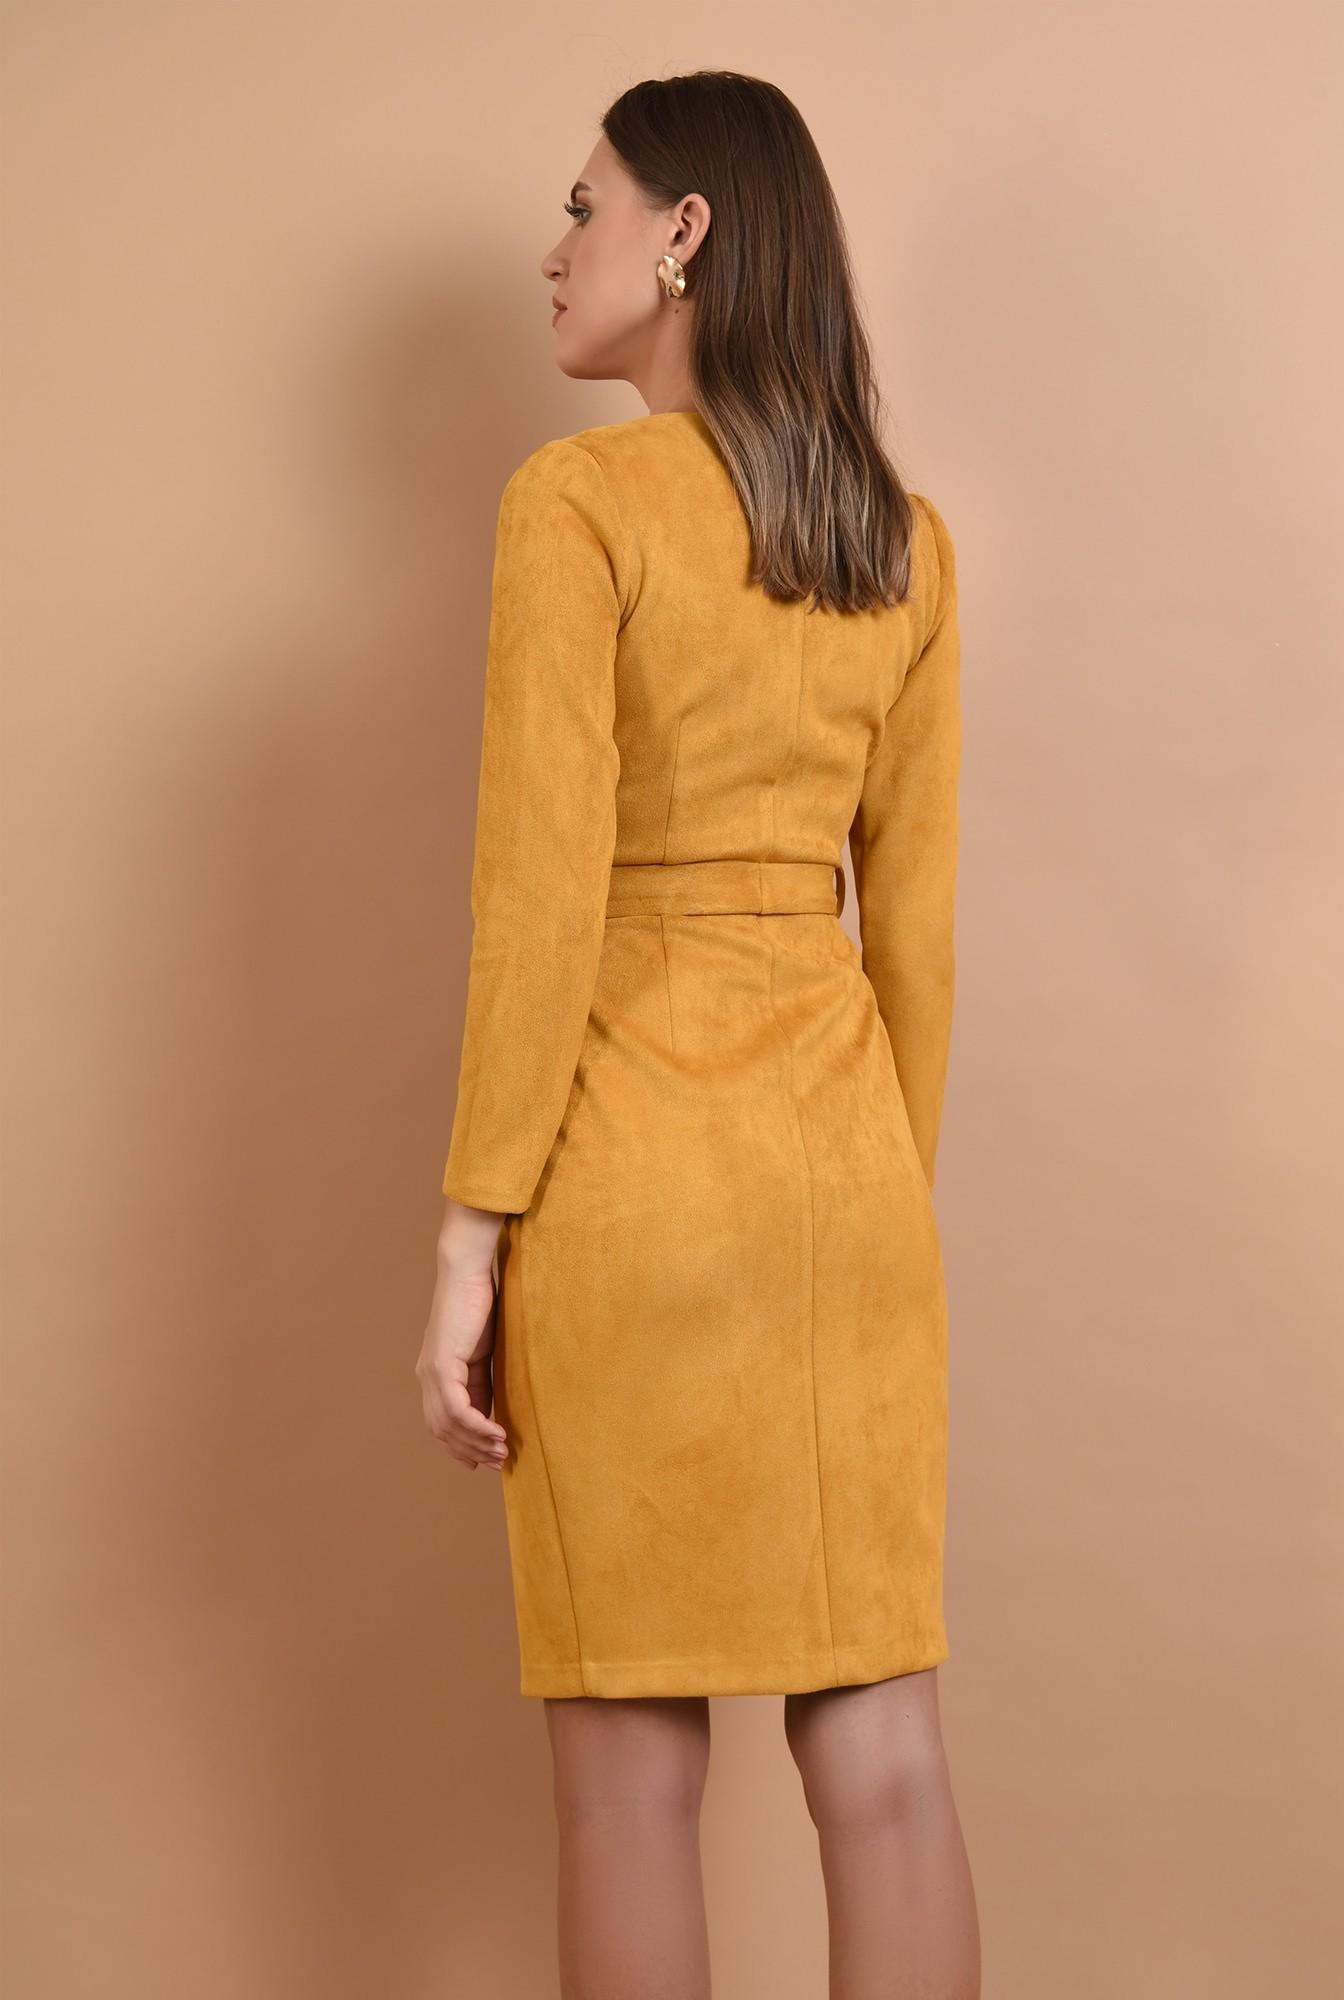 1 - 360 - rochie Poema, piele intoarsa, mustar, cu cordon, anchior